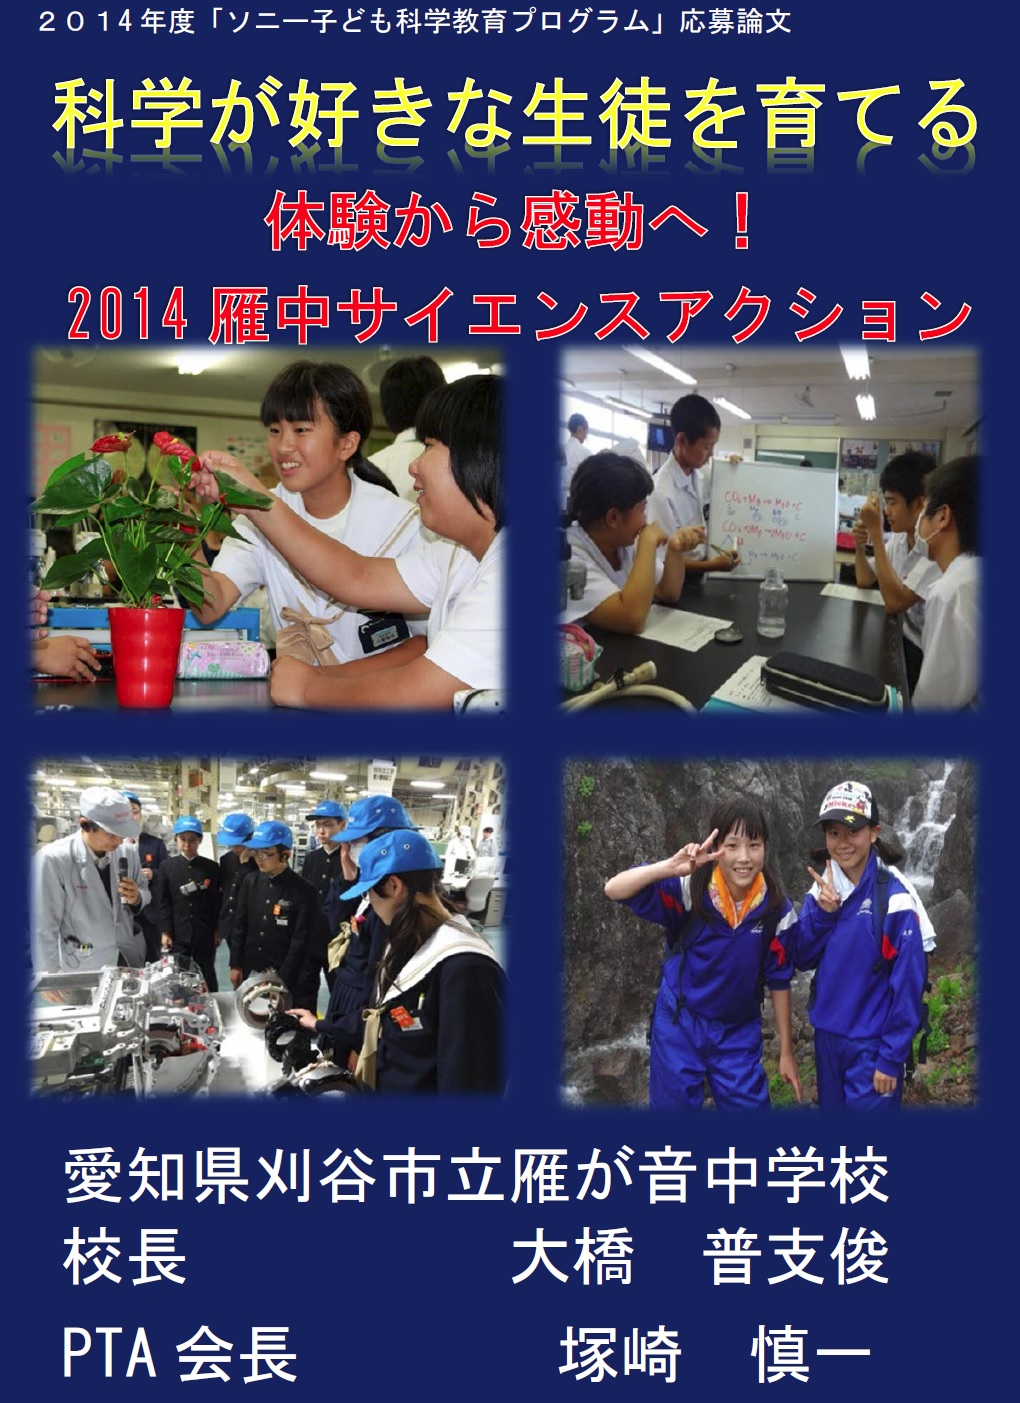 sony_ronbun1.jpg